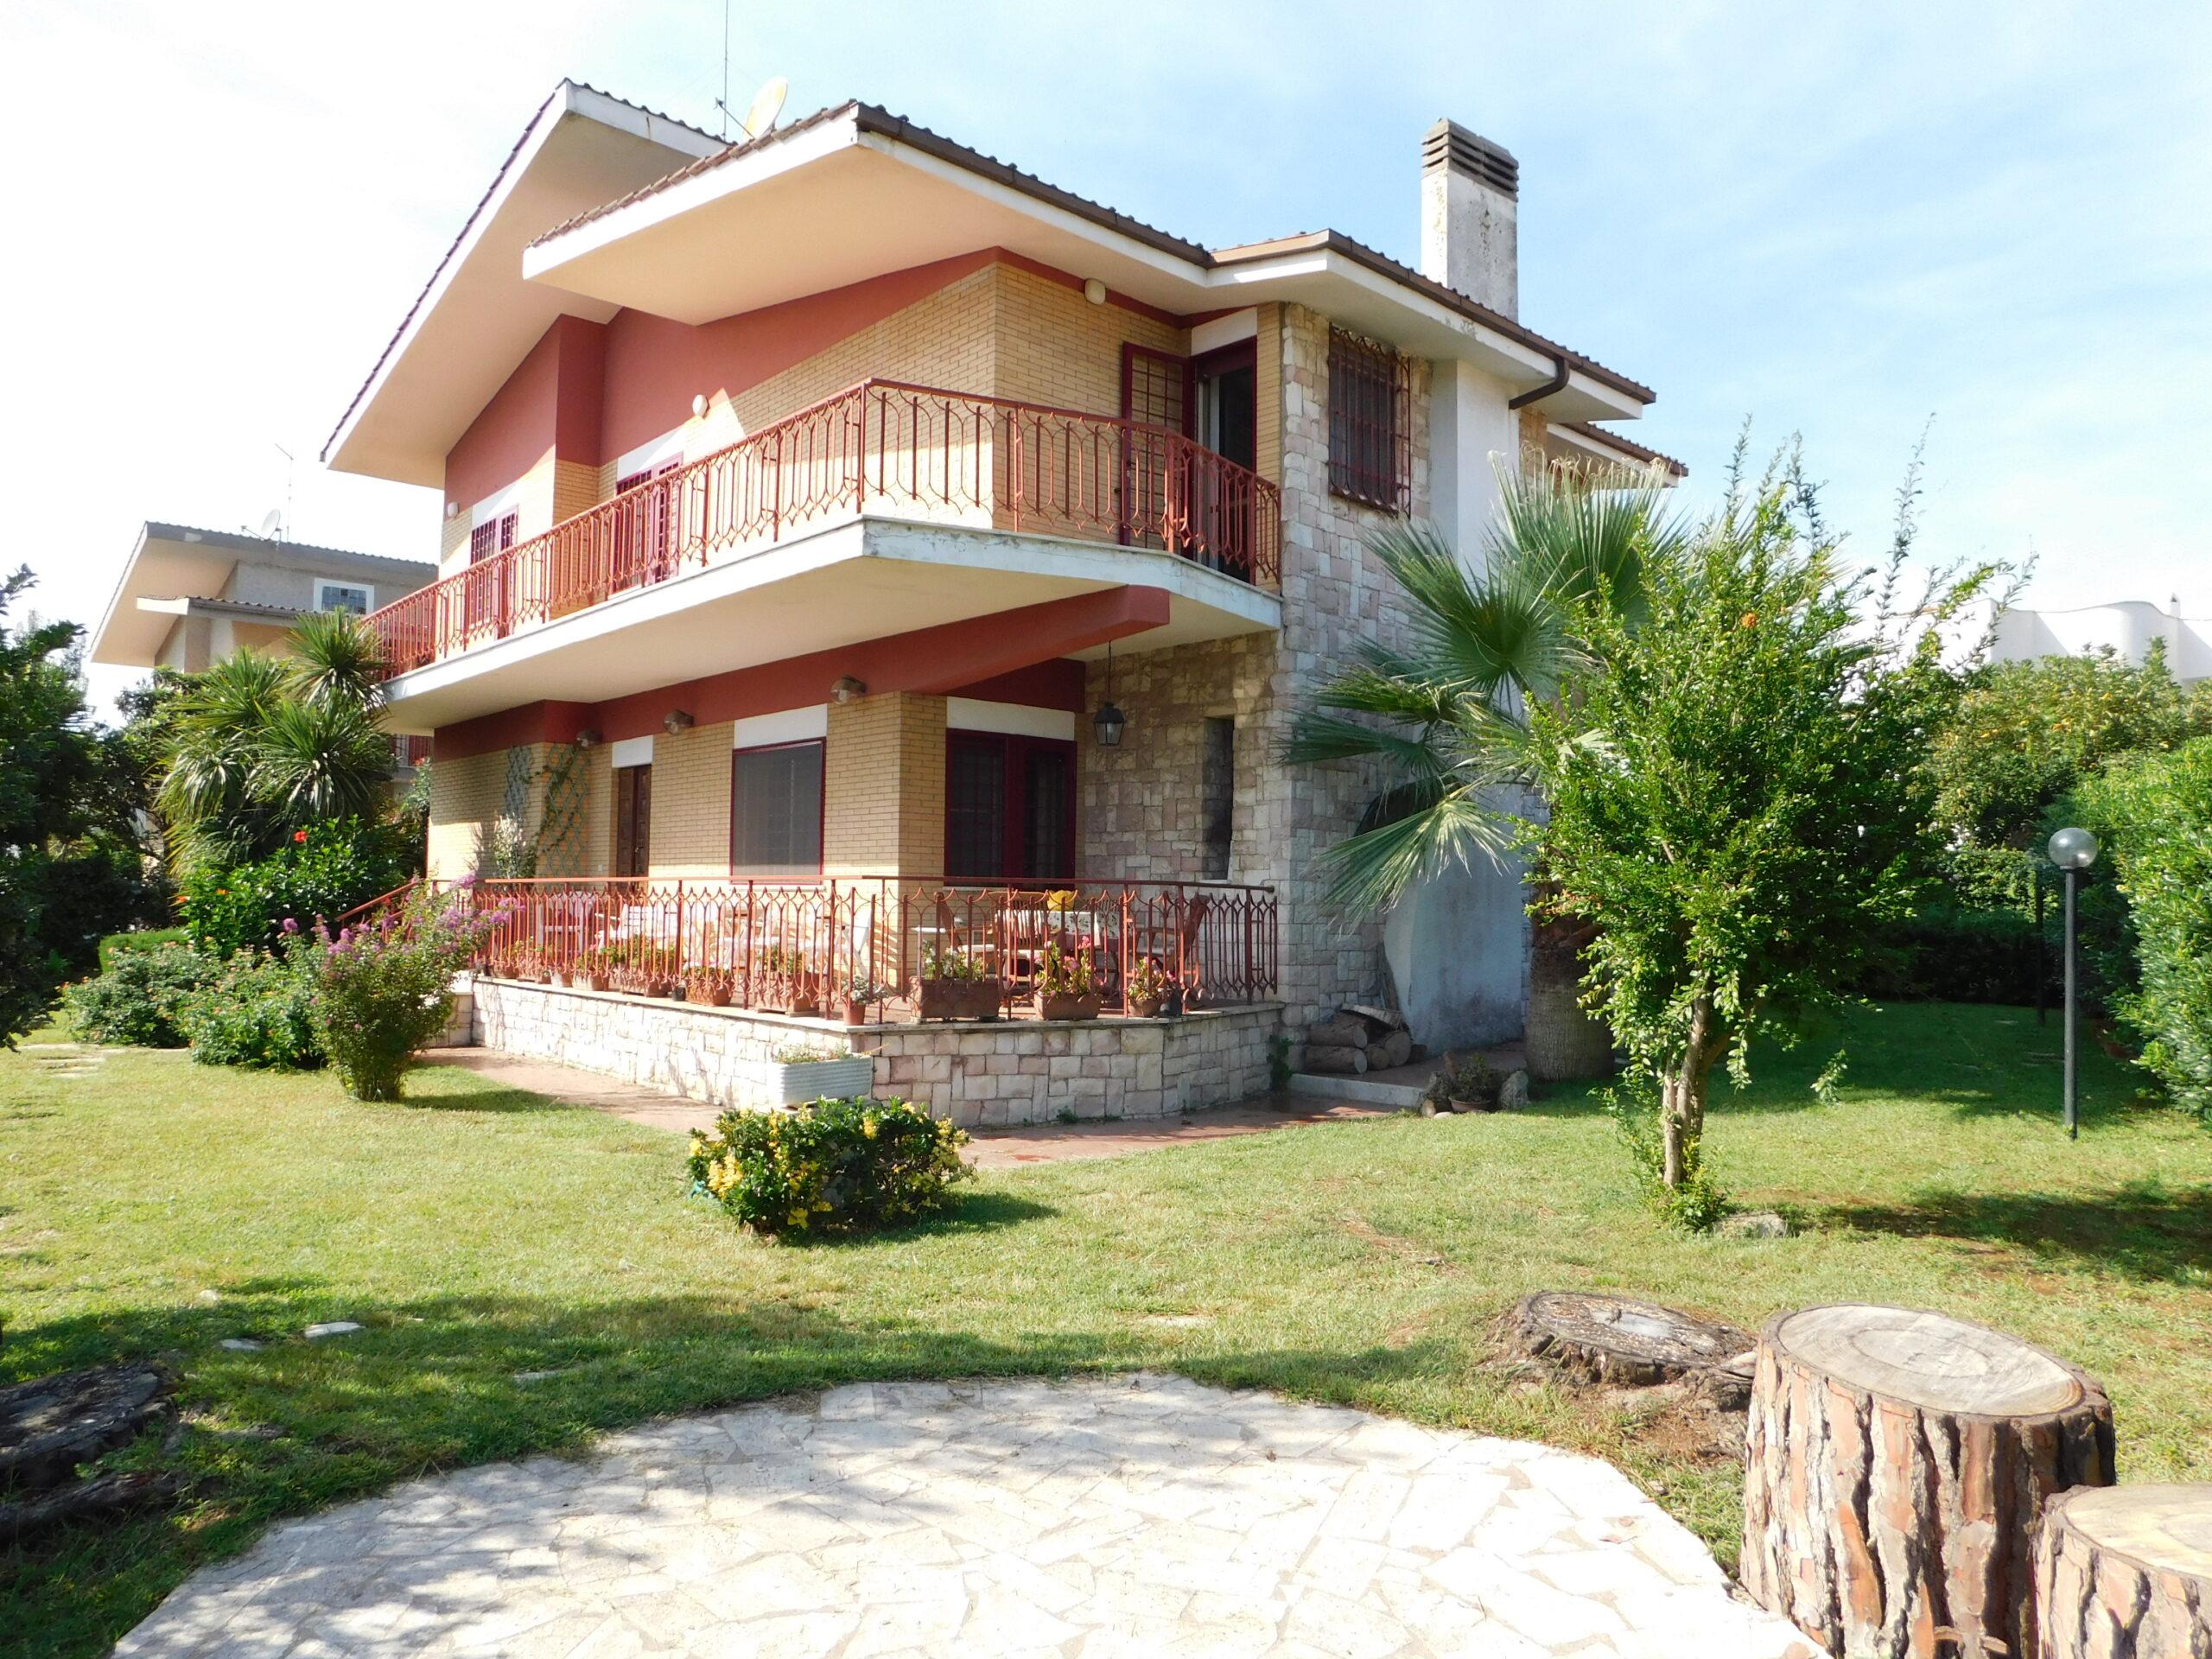 Villa Unifamiliare a Campo di Mare - Via Tirreno, 16